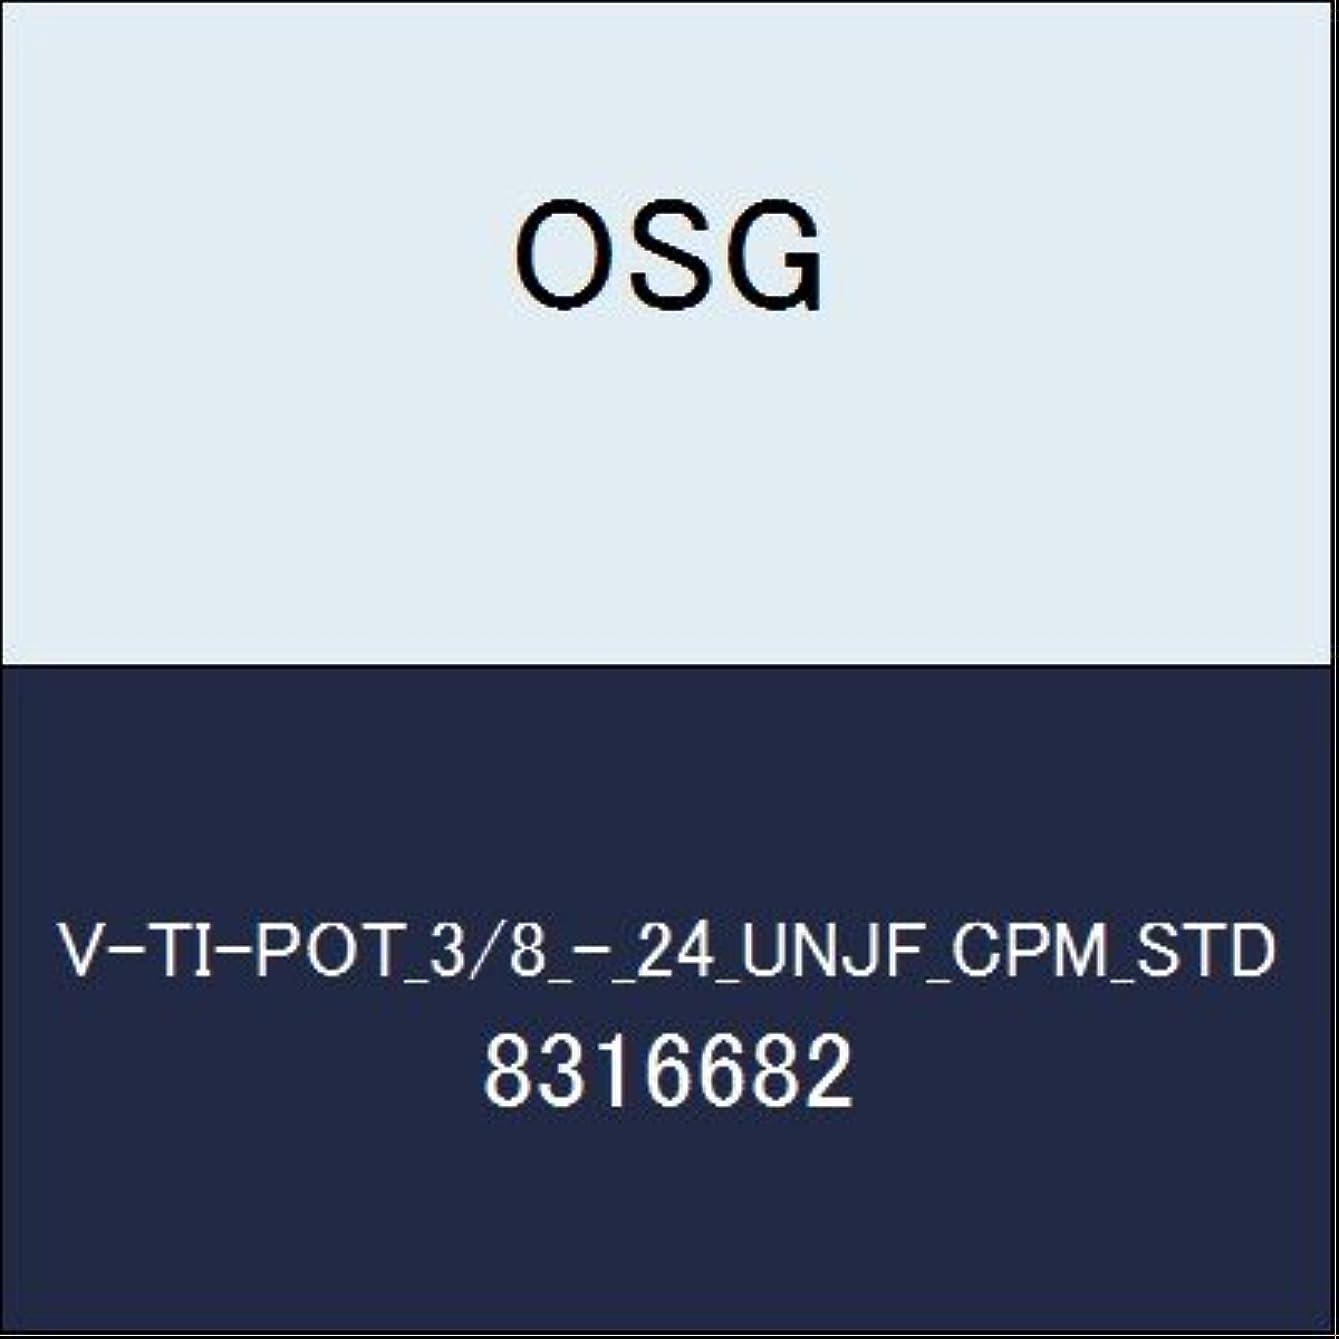 ビヨン内陸のりOSG ハイスポイントタップ V-TI-POT_3/8_-_24_UNJF_CPM_STD 商品番号 8316682